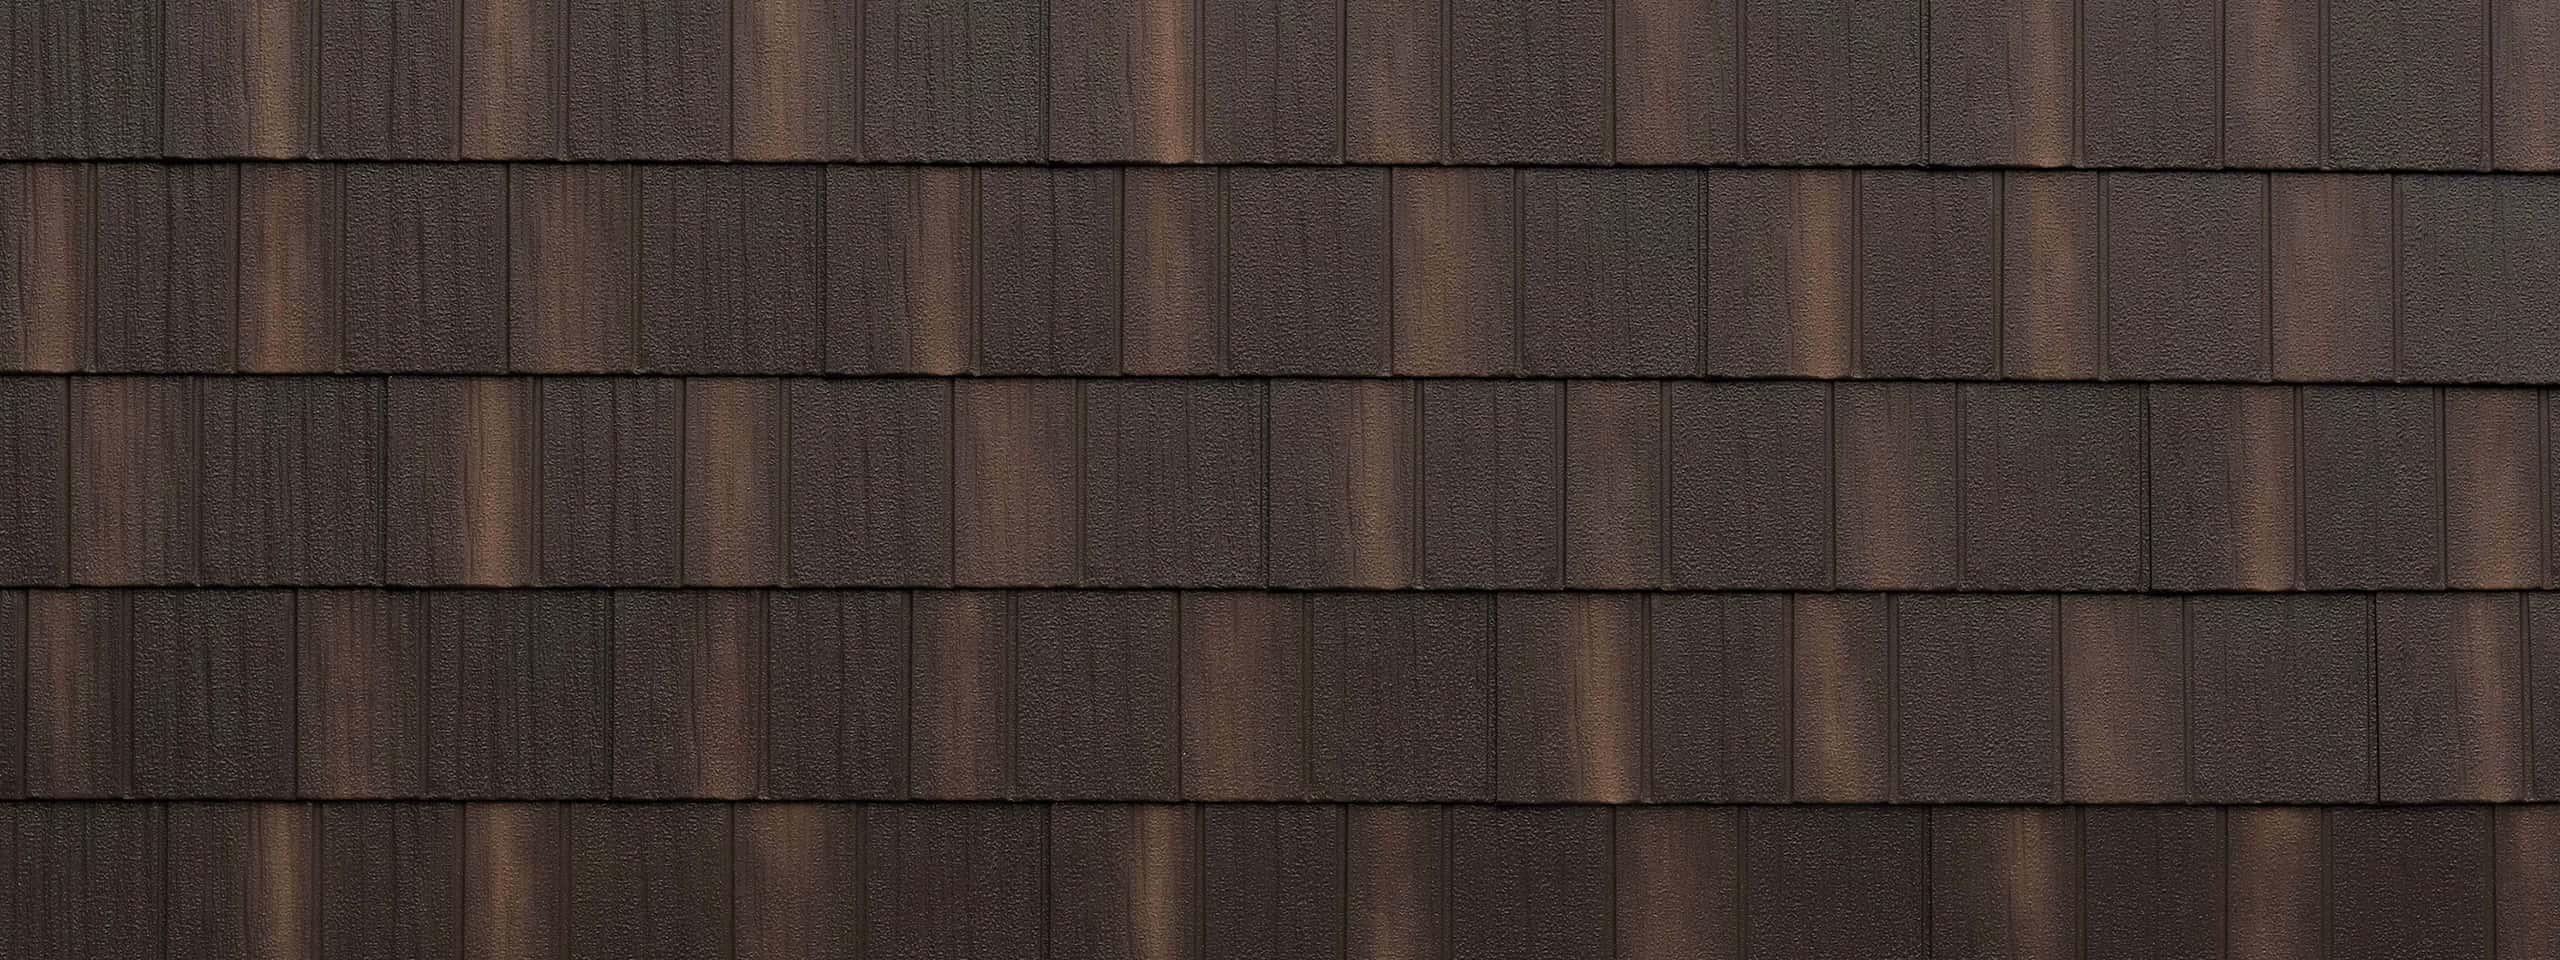 EDCO Infiniti® Textured Steel Shake Aged Bronze Swatch